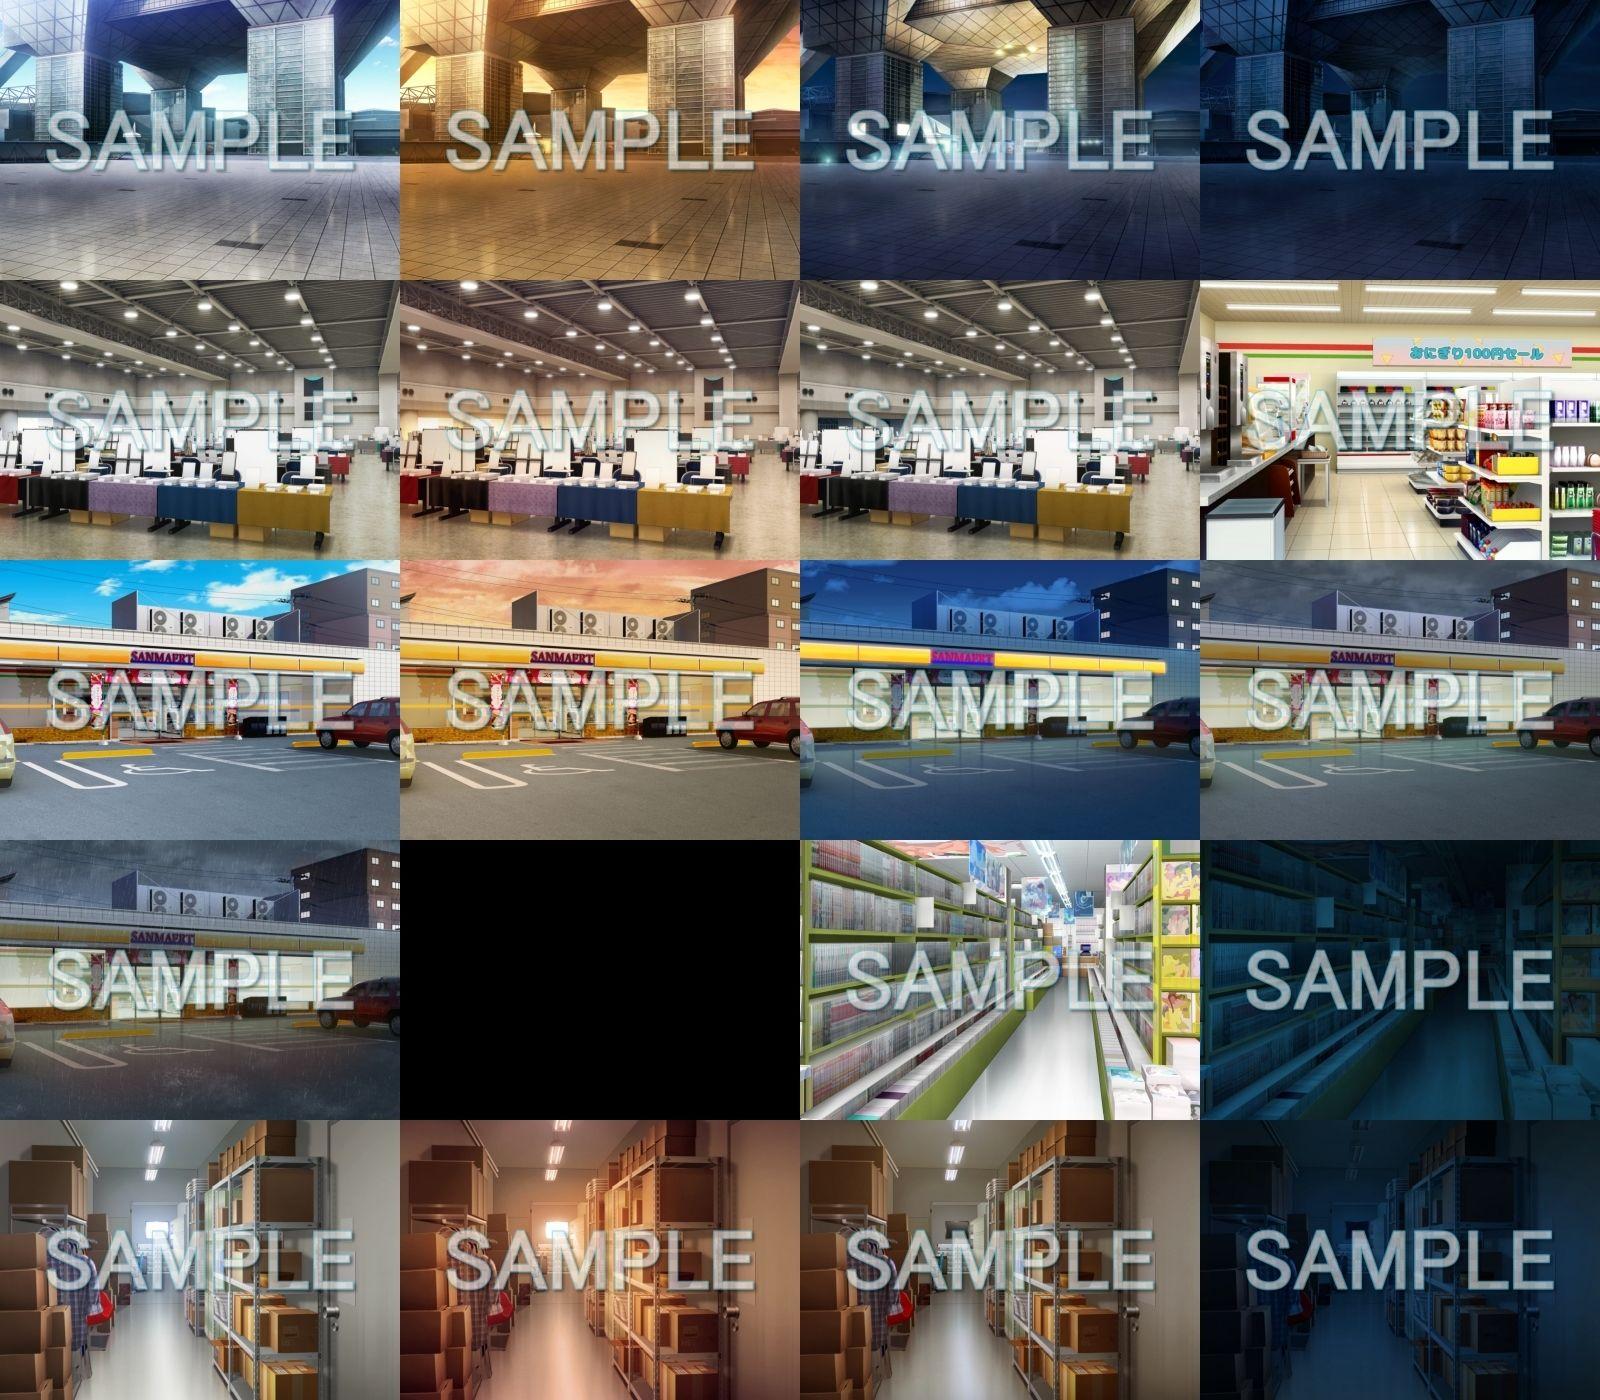 みにくる背景CG素材集『店舗&施設編』part01 エロ画像